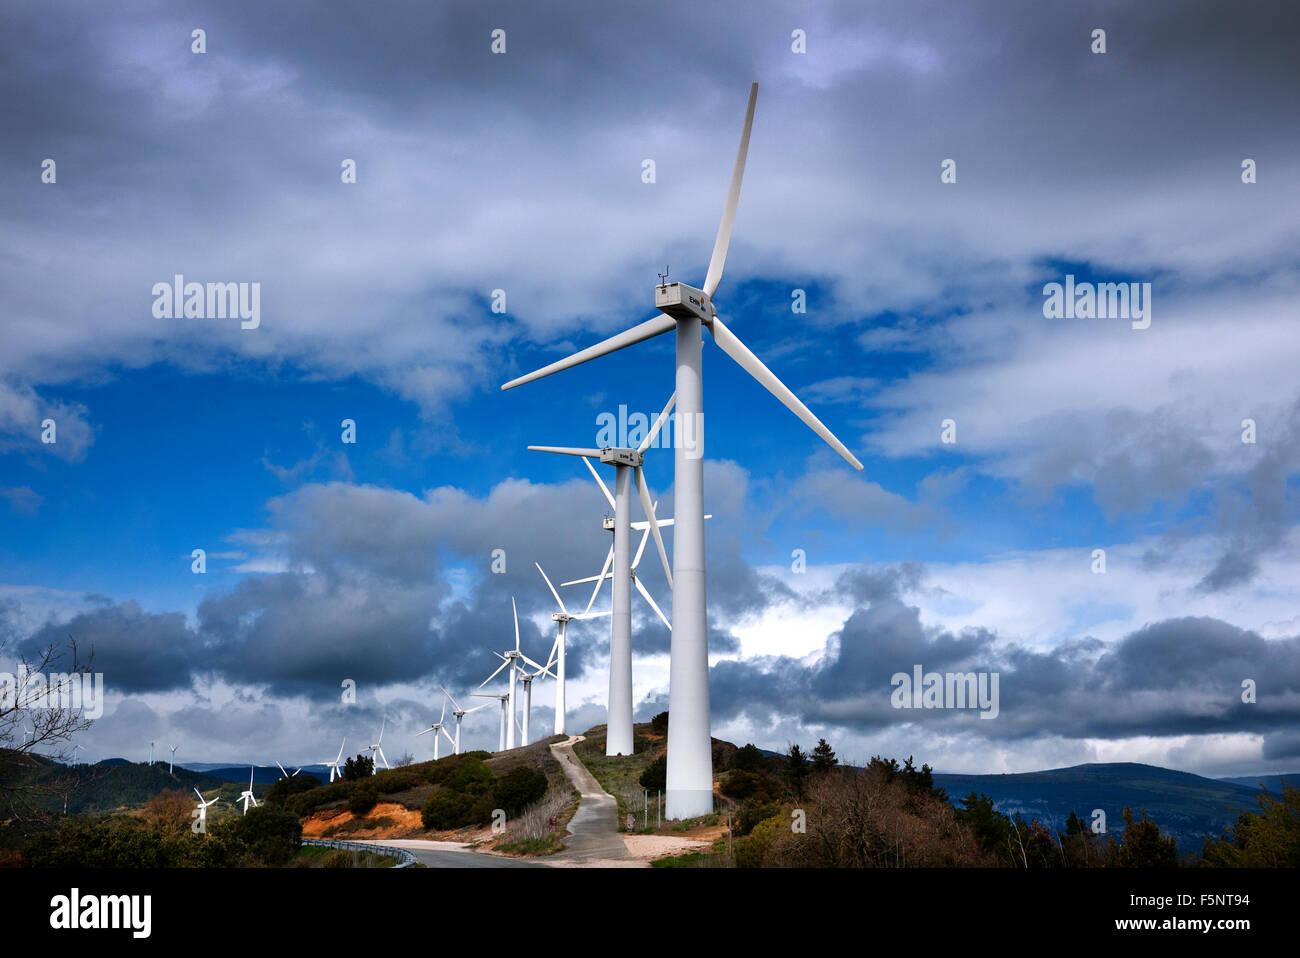 Wind turbines, Spain. - Stock Image